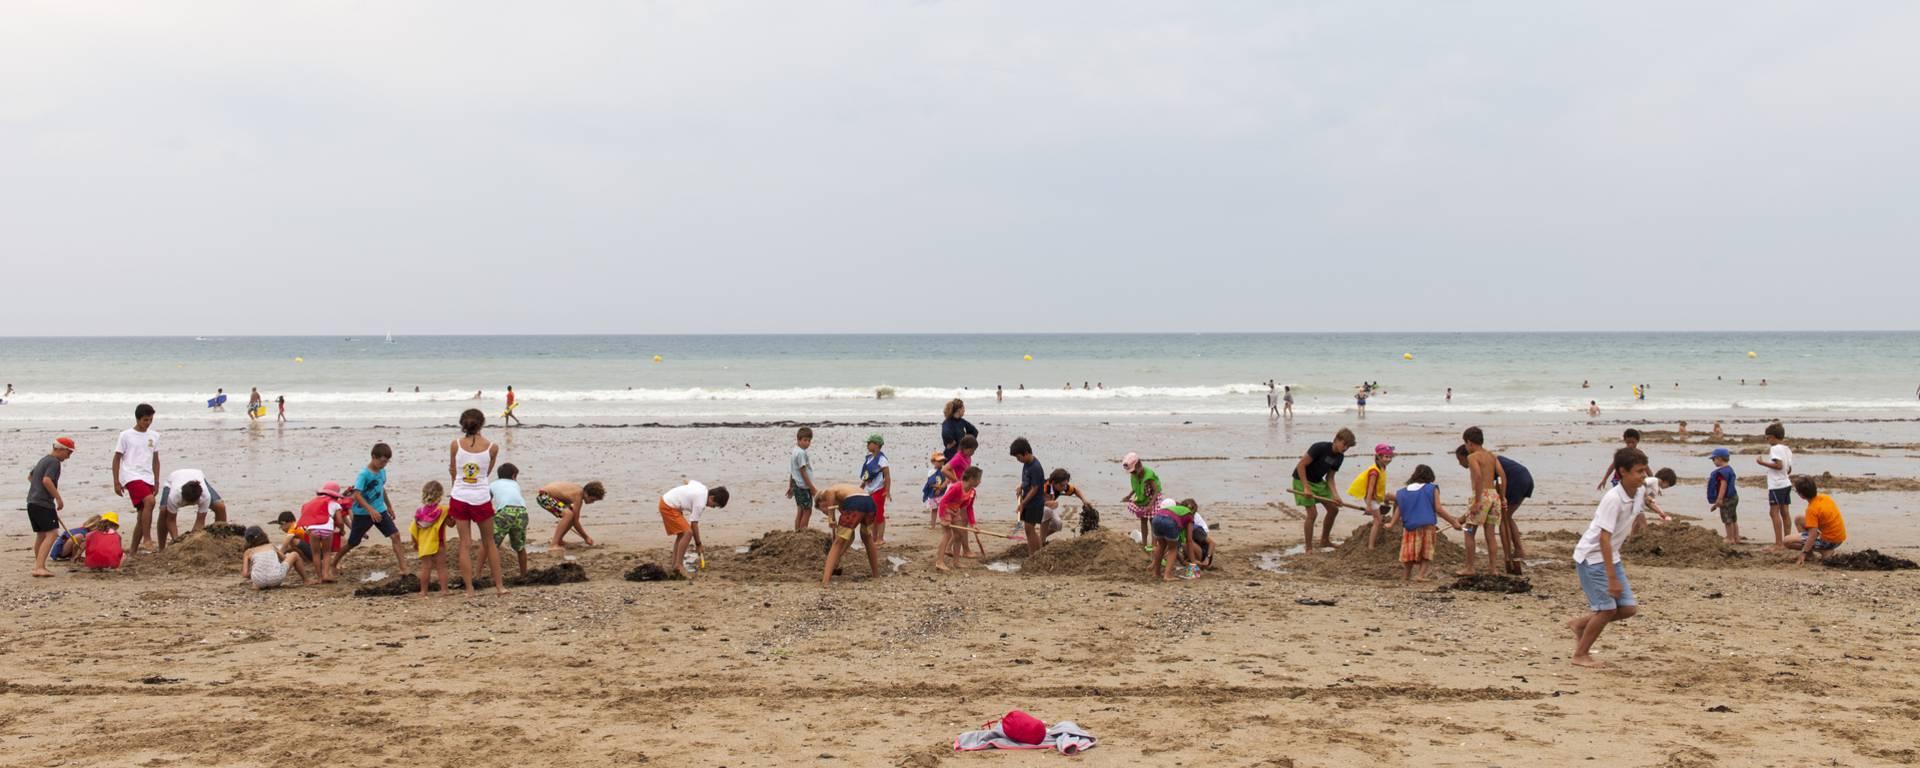 Profiter de la belle saison pour s'aérer à la plage.